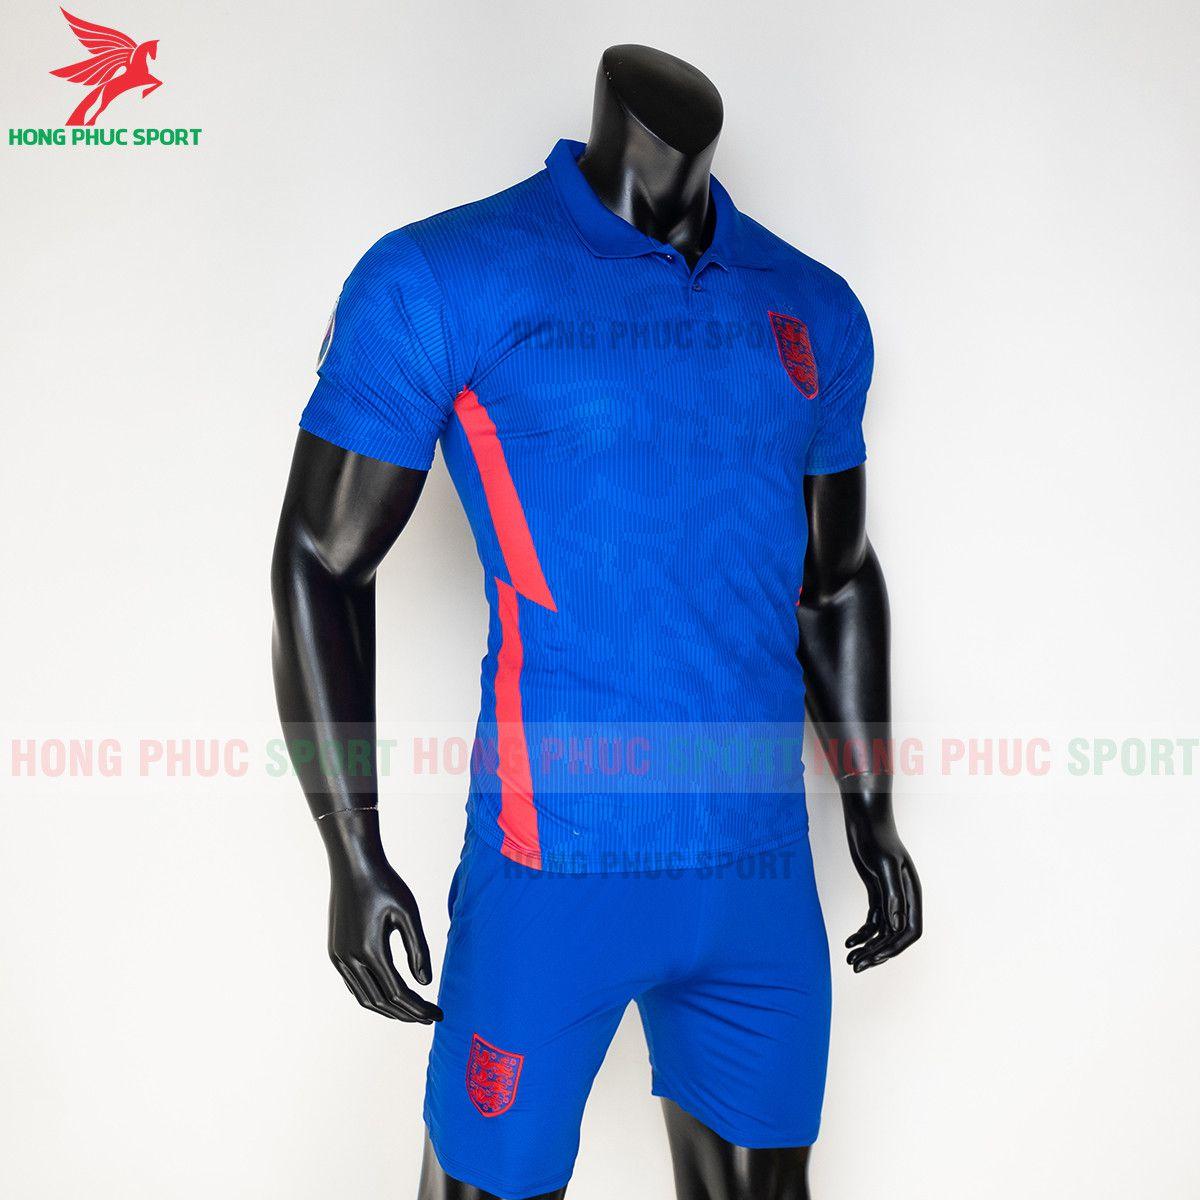 https://cdn.hongphucsport.com/unsafe/s4.shopbay.vn/files/285/ao-bong-da-tuyen-anh-euro-2021-san-khach-thun-lanh-2-61558a9e05535.jpg